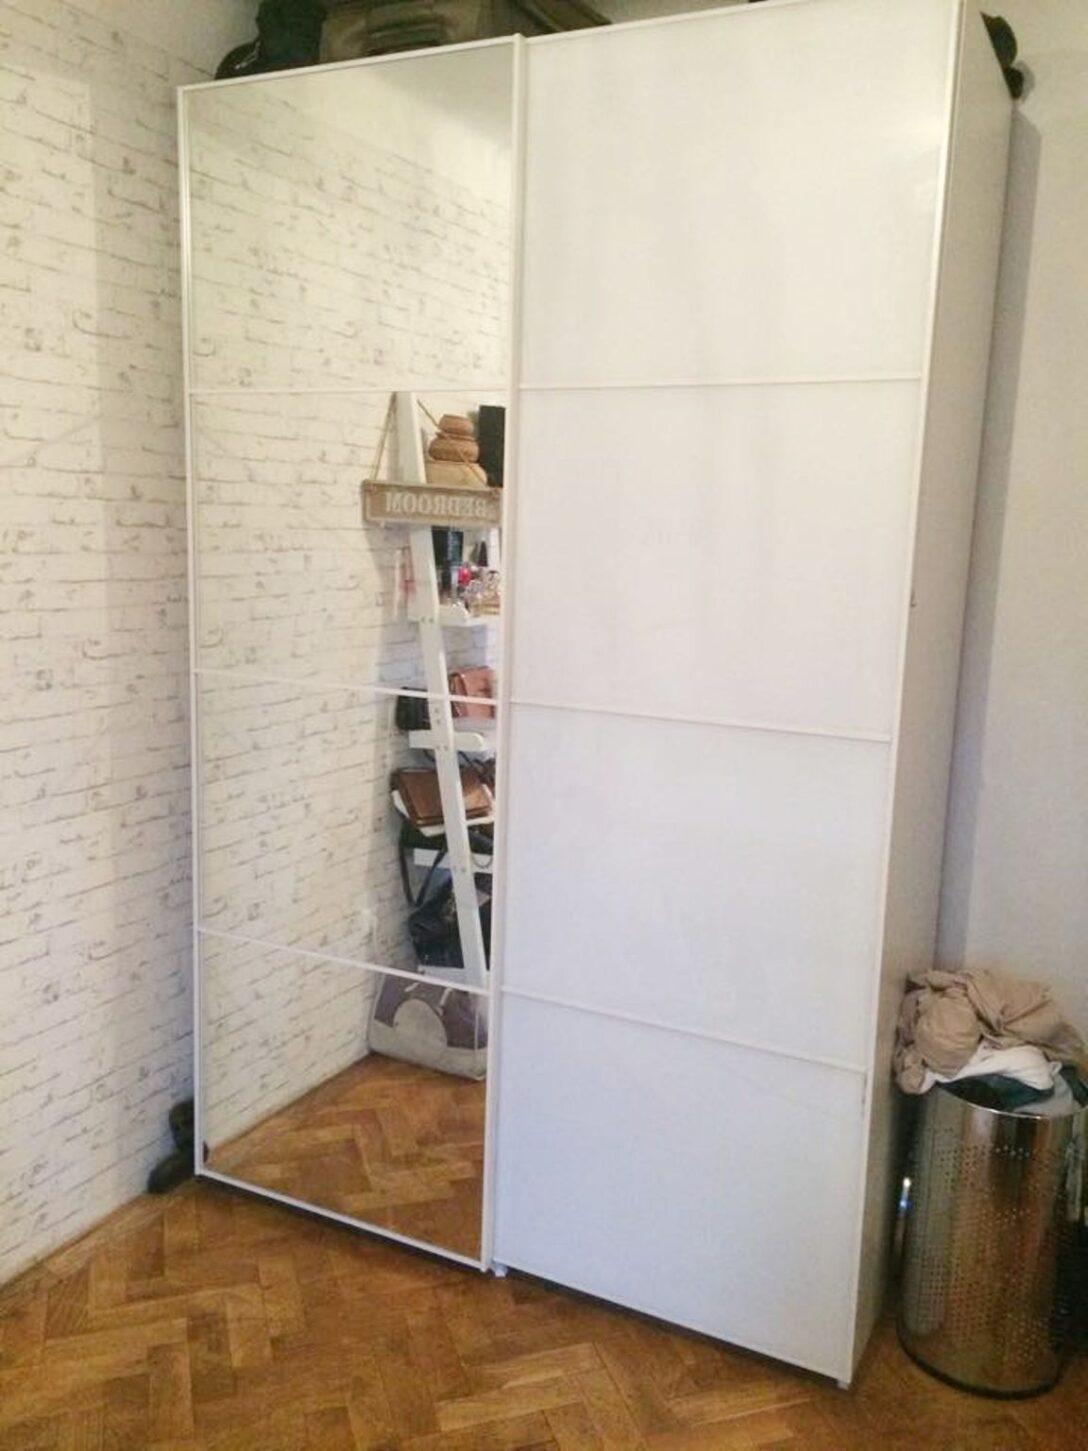 Large Size of Ikea Wohnzimmerschrank Weiß Sofa Grau Bett 140x200 Schlafzimmer Landhausstil Esstisch Kleines Regal Betten Mit Schlaffunktion Schwarz Bad Kommode Hochglanz Wohnzimmer Ikea Wohnzimmerschrank Weiß